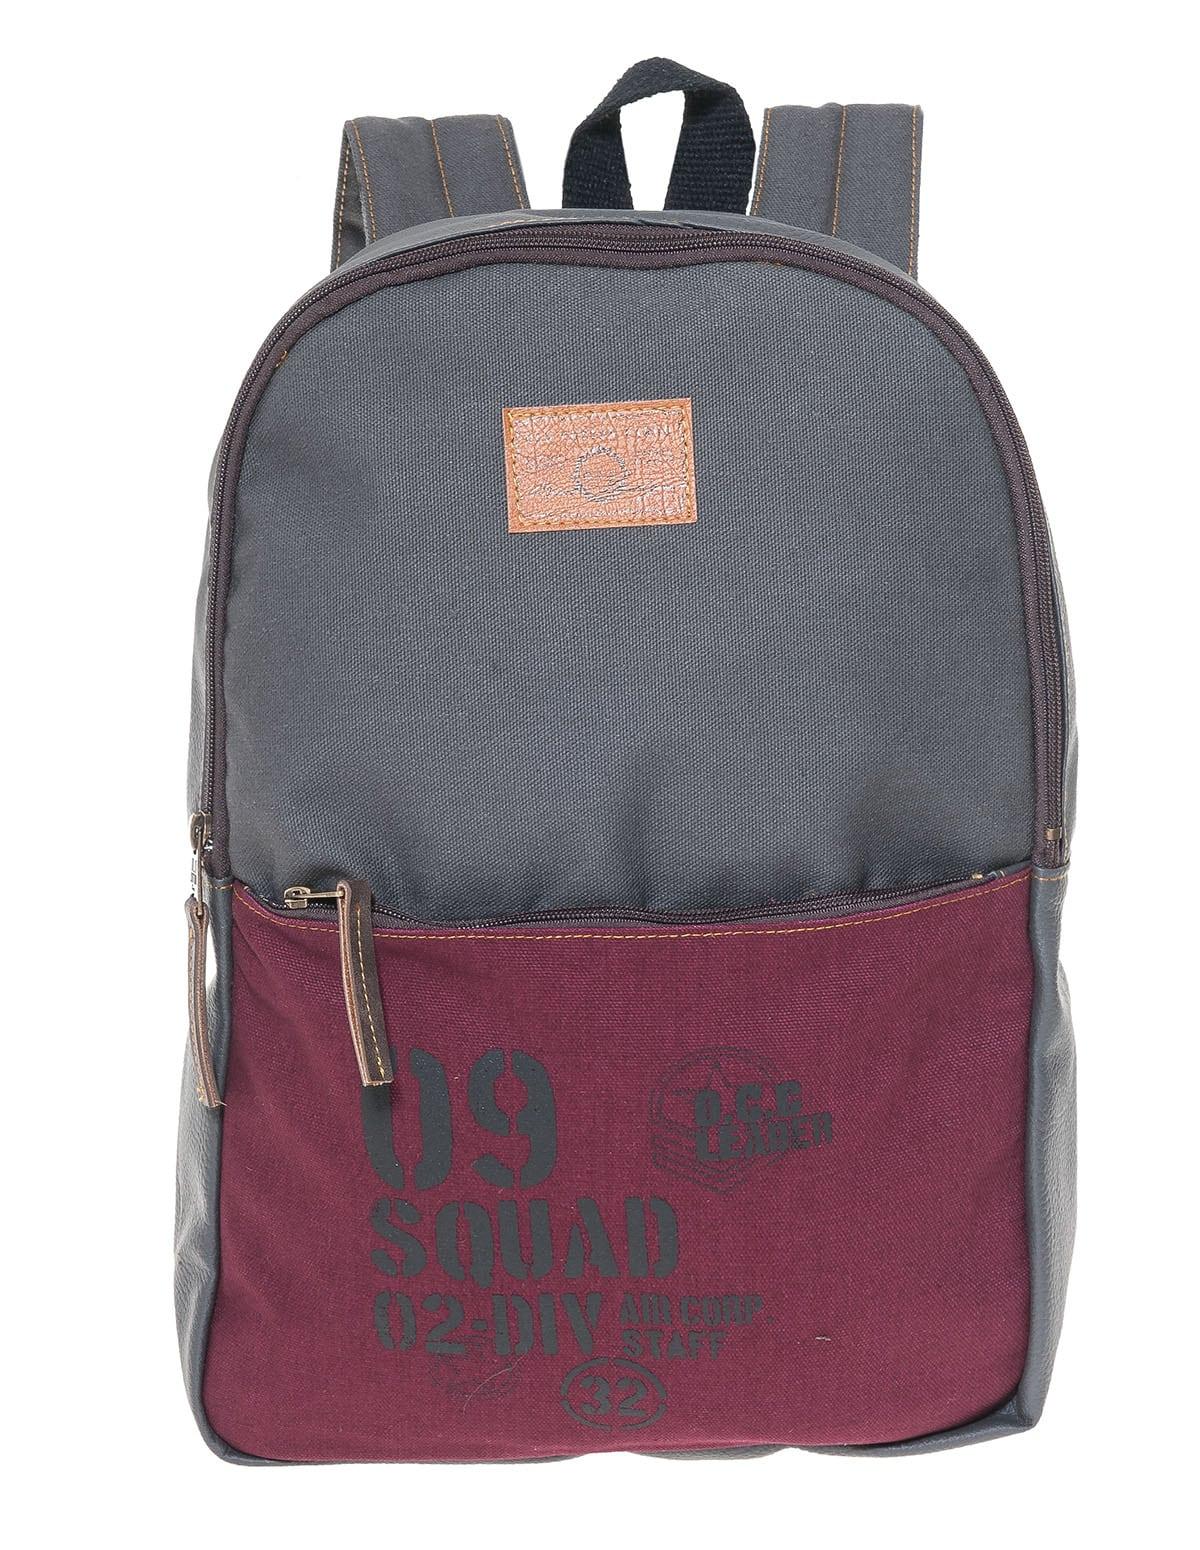 608d763fe4 Χειροποίητο σακίδιο πλάτης (backpack) - vactive.gr